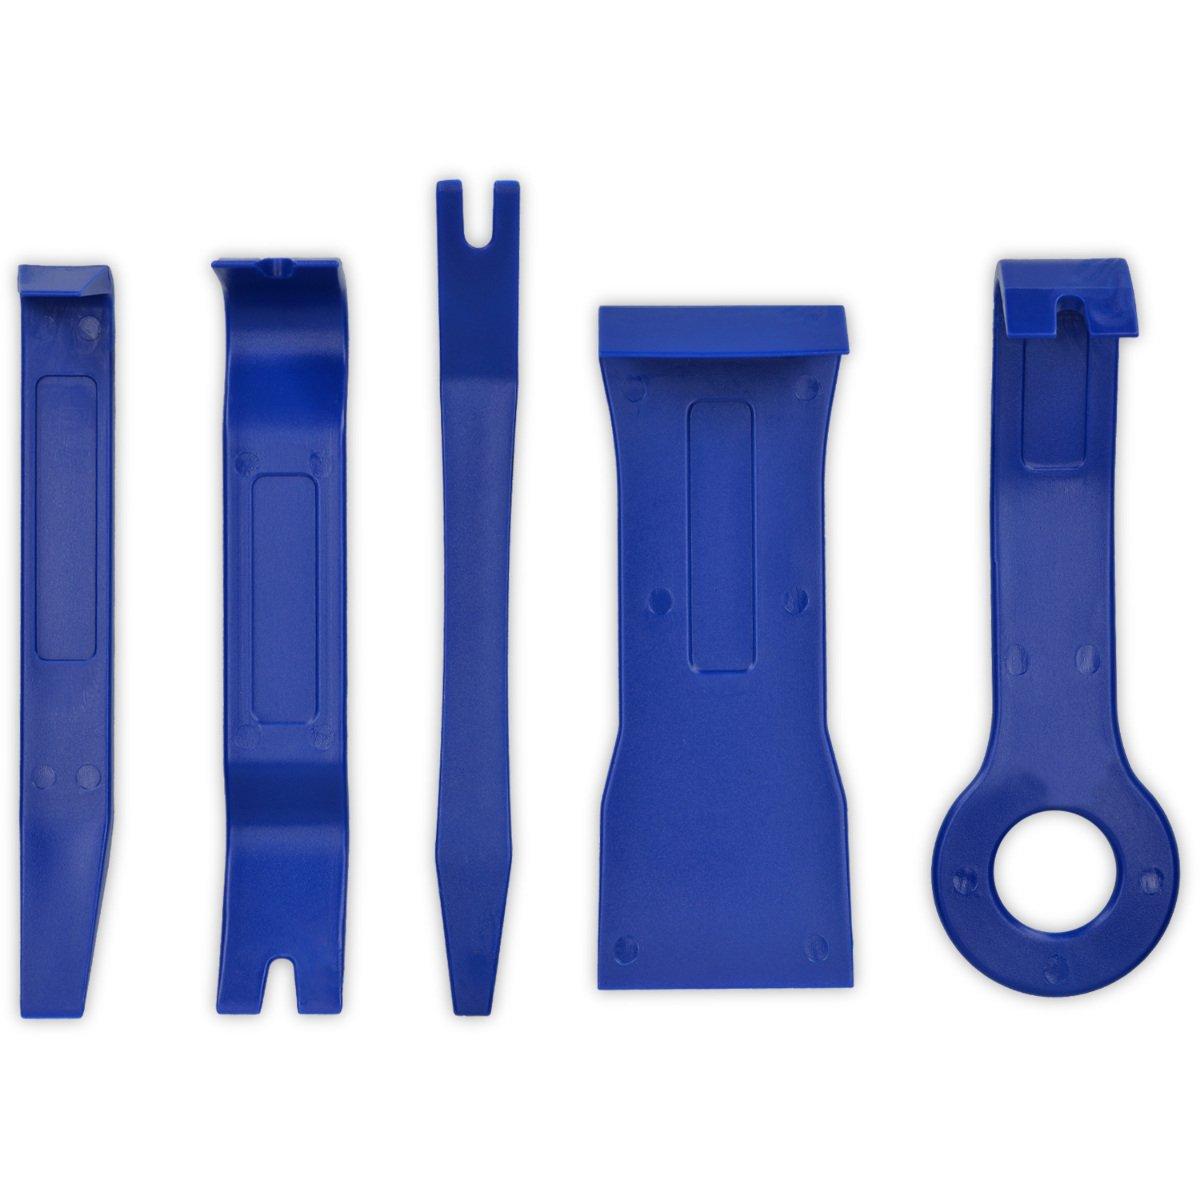 kwmobile Set 5in1 utensili auto - Strumenti antigraffio per installazione montaggio rimozione smontaggio - Attrezzi tappezzeria interni auto moto blu KW-Commerce 42179_m000685